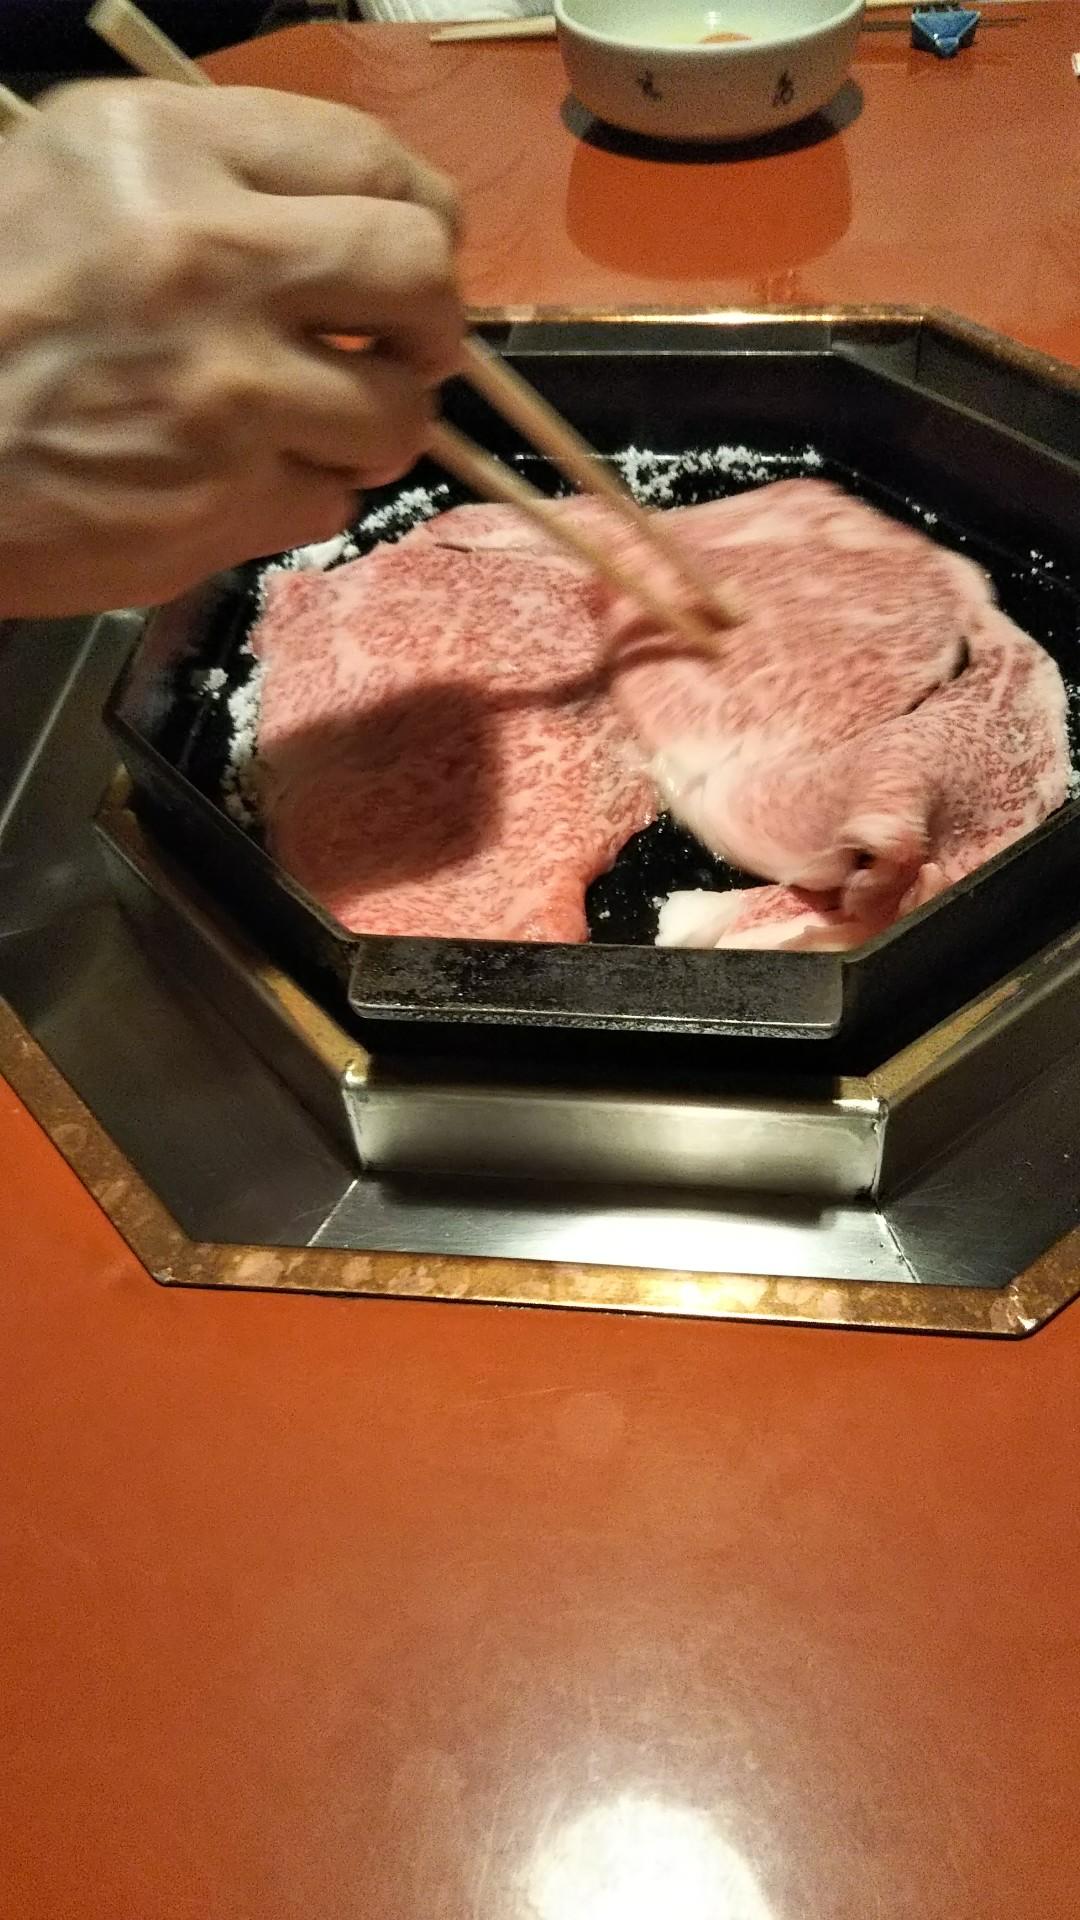 最初に砂糖を敷いて肉を載せる